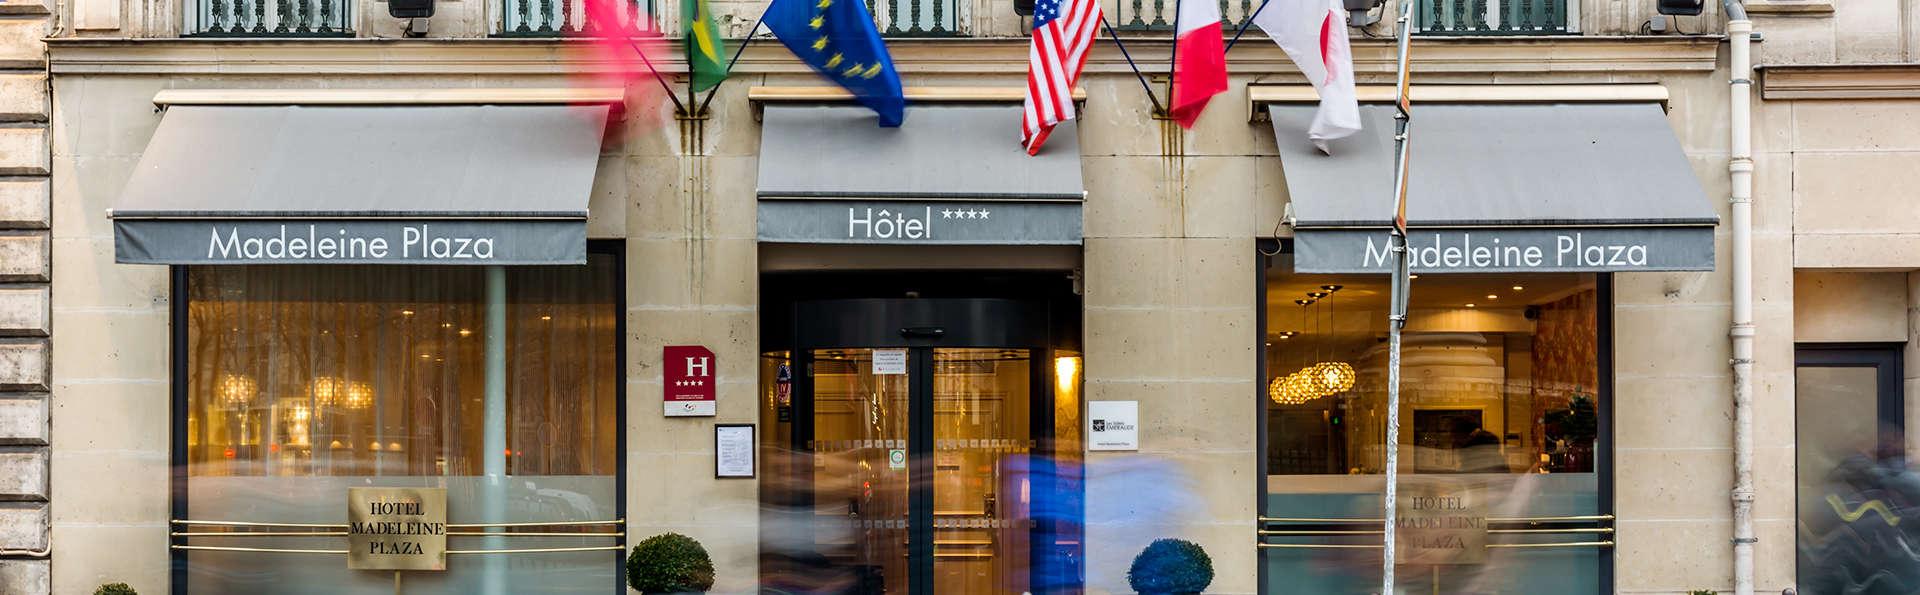 Hôtel Madeleine Plaza - EDIT_Fachada_1.jpg